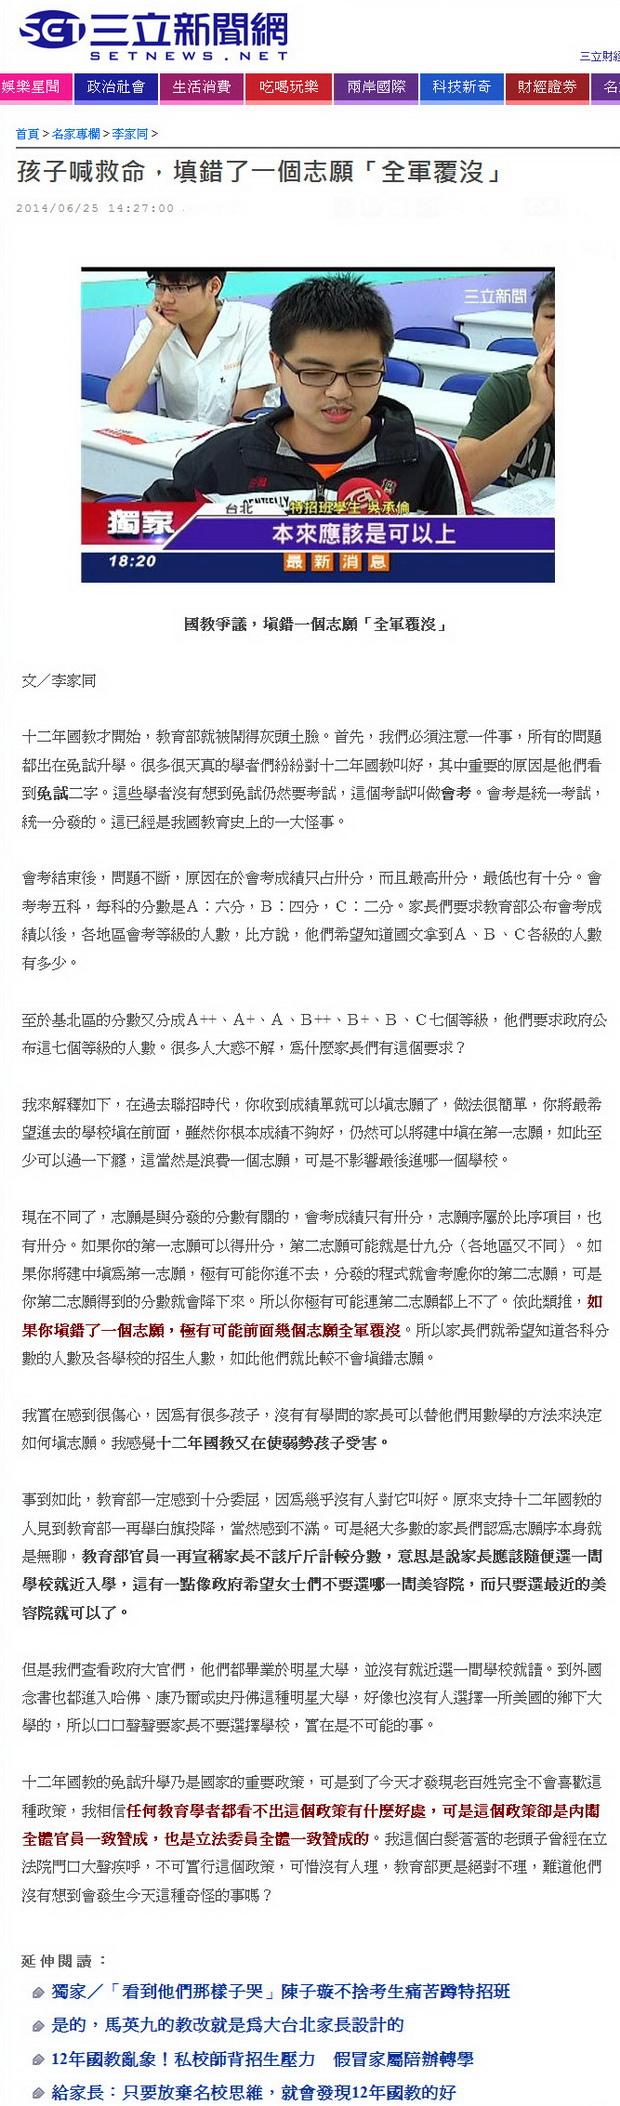 孩子喊救命,填錯了一個志願「全軍覆沒」-2014.06.25.jpg